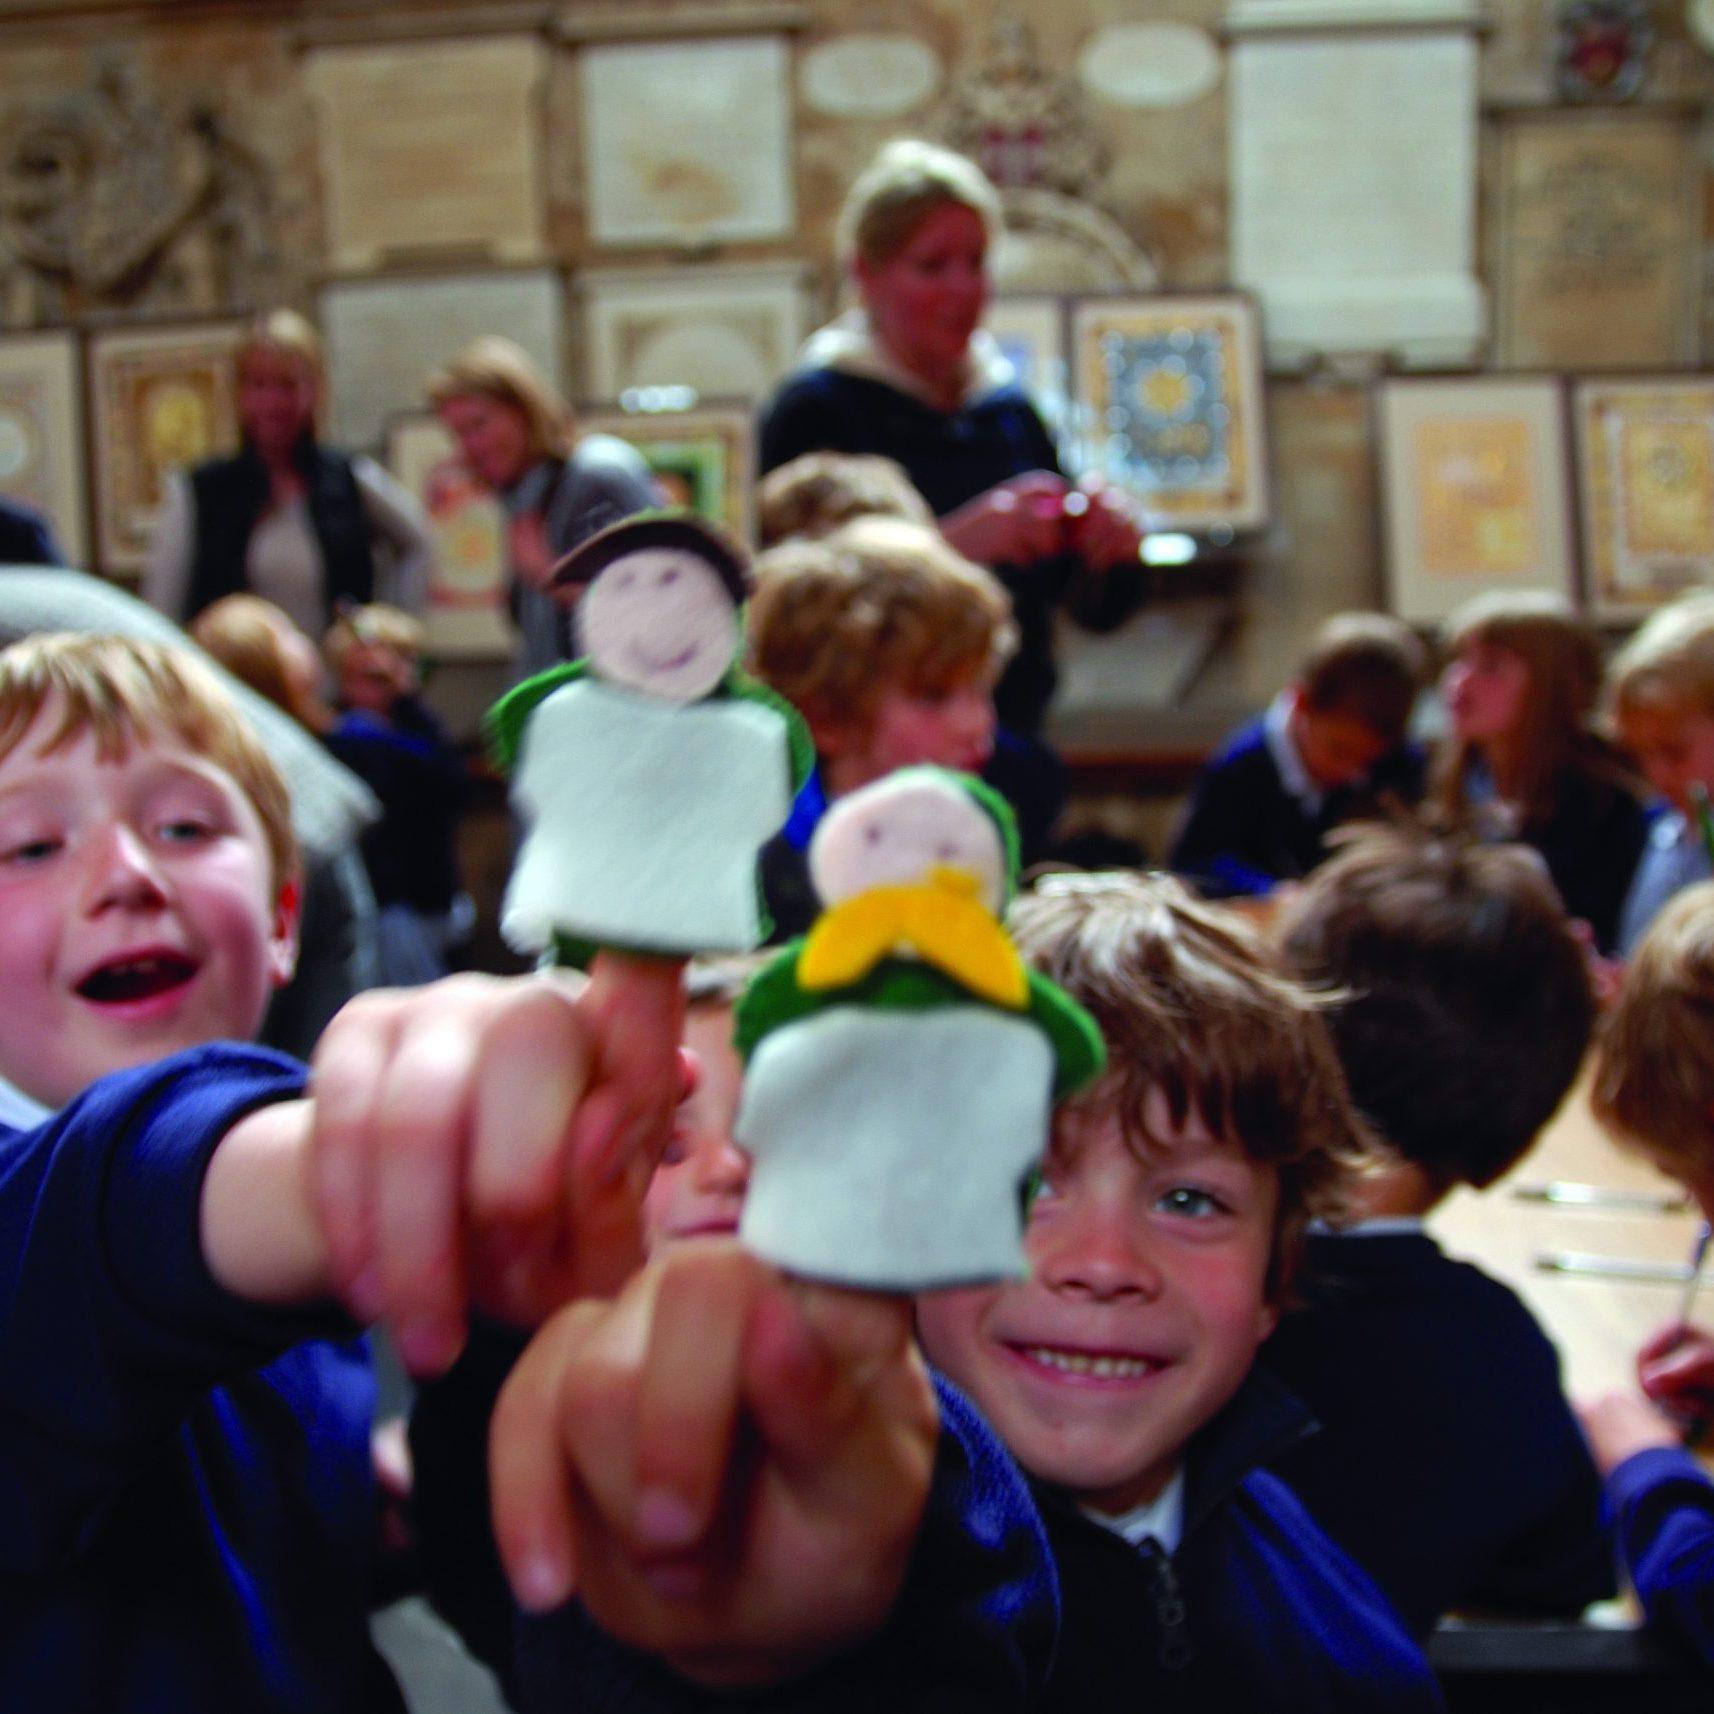 Children in school uniform in the Abbey